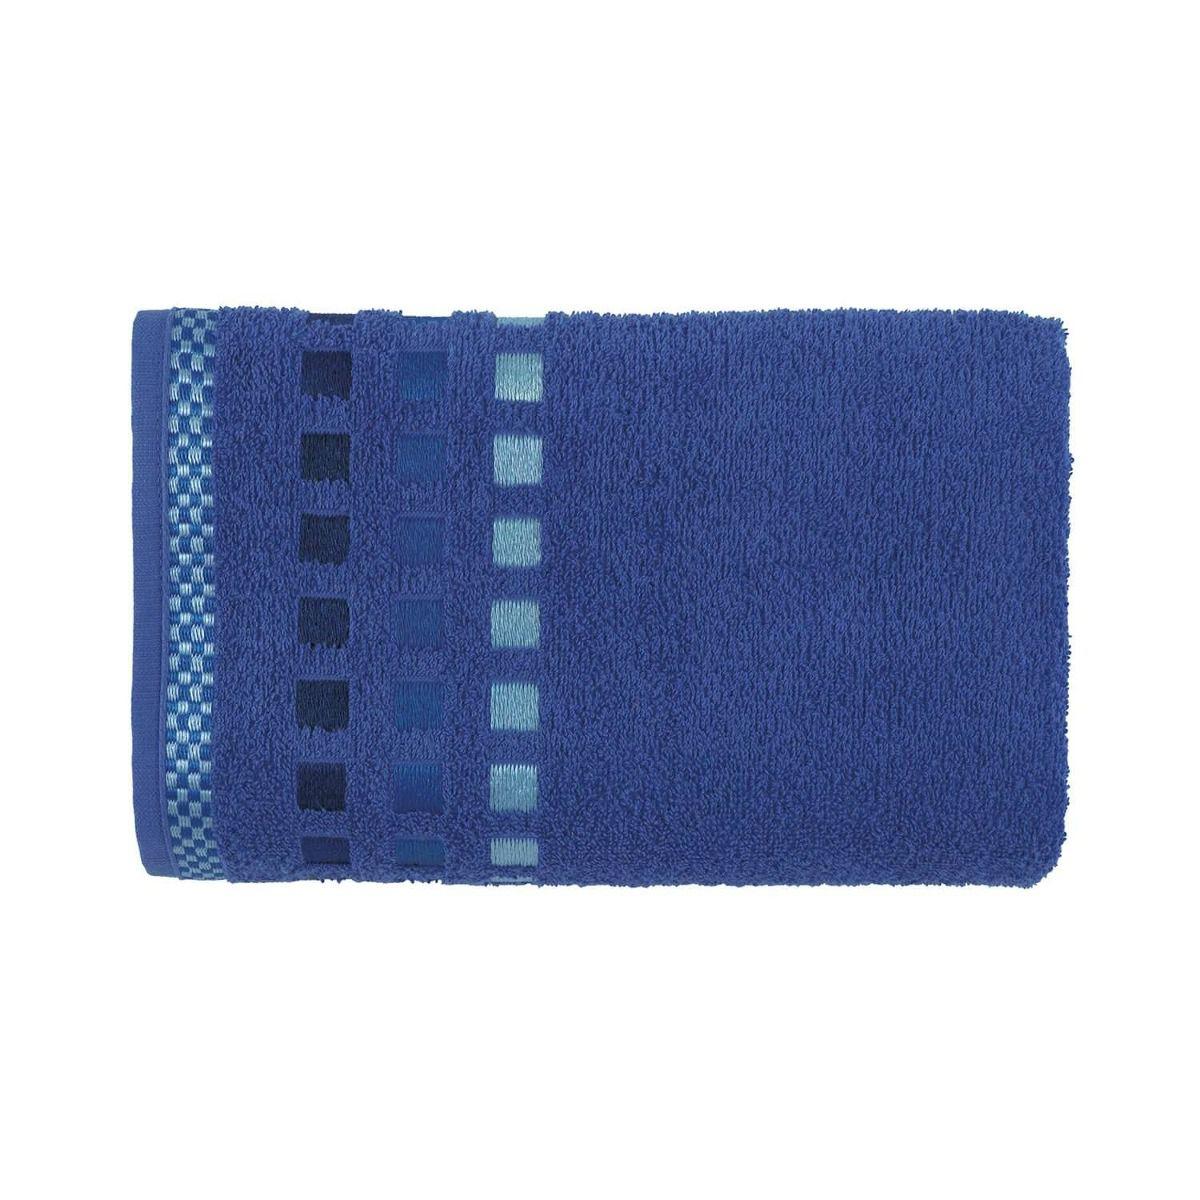 Toalha de Rosto Karsten  Calera Azul em Jacquard 49x70cm